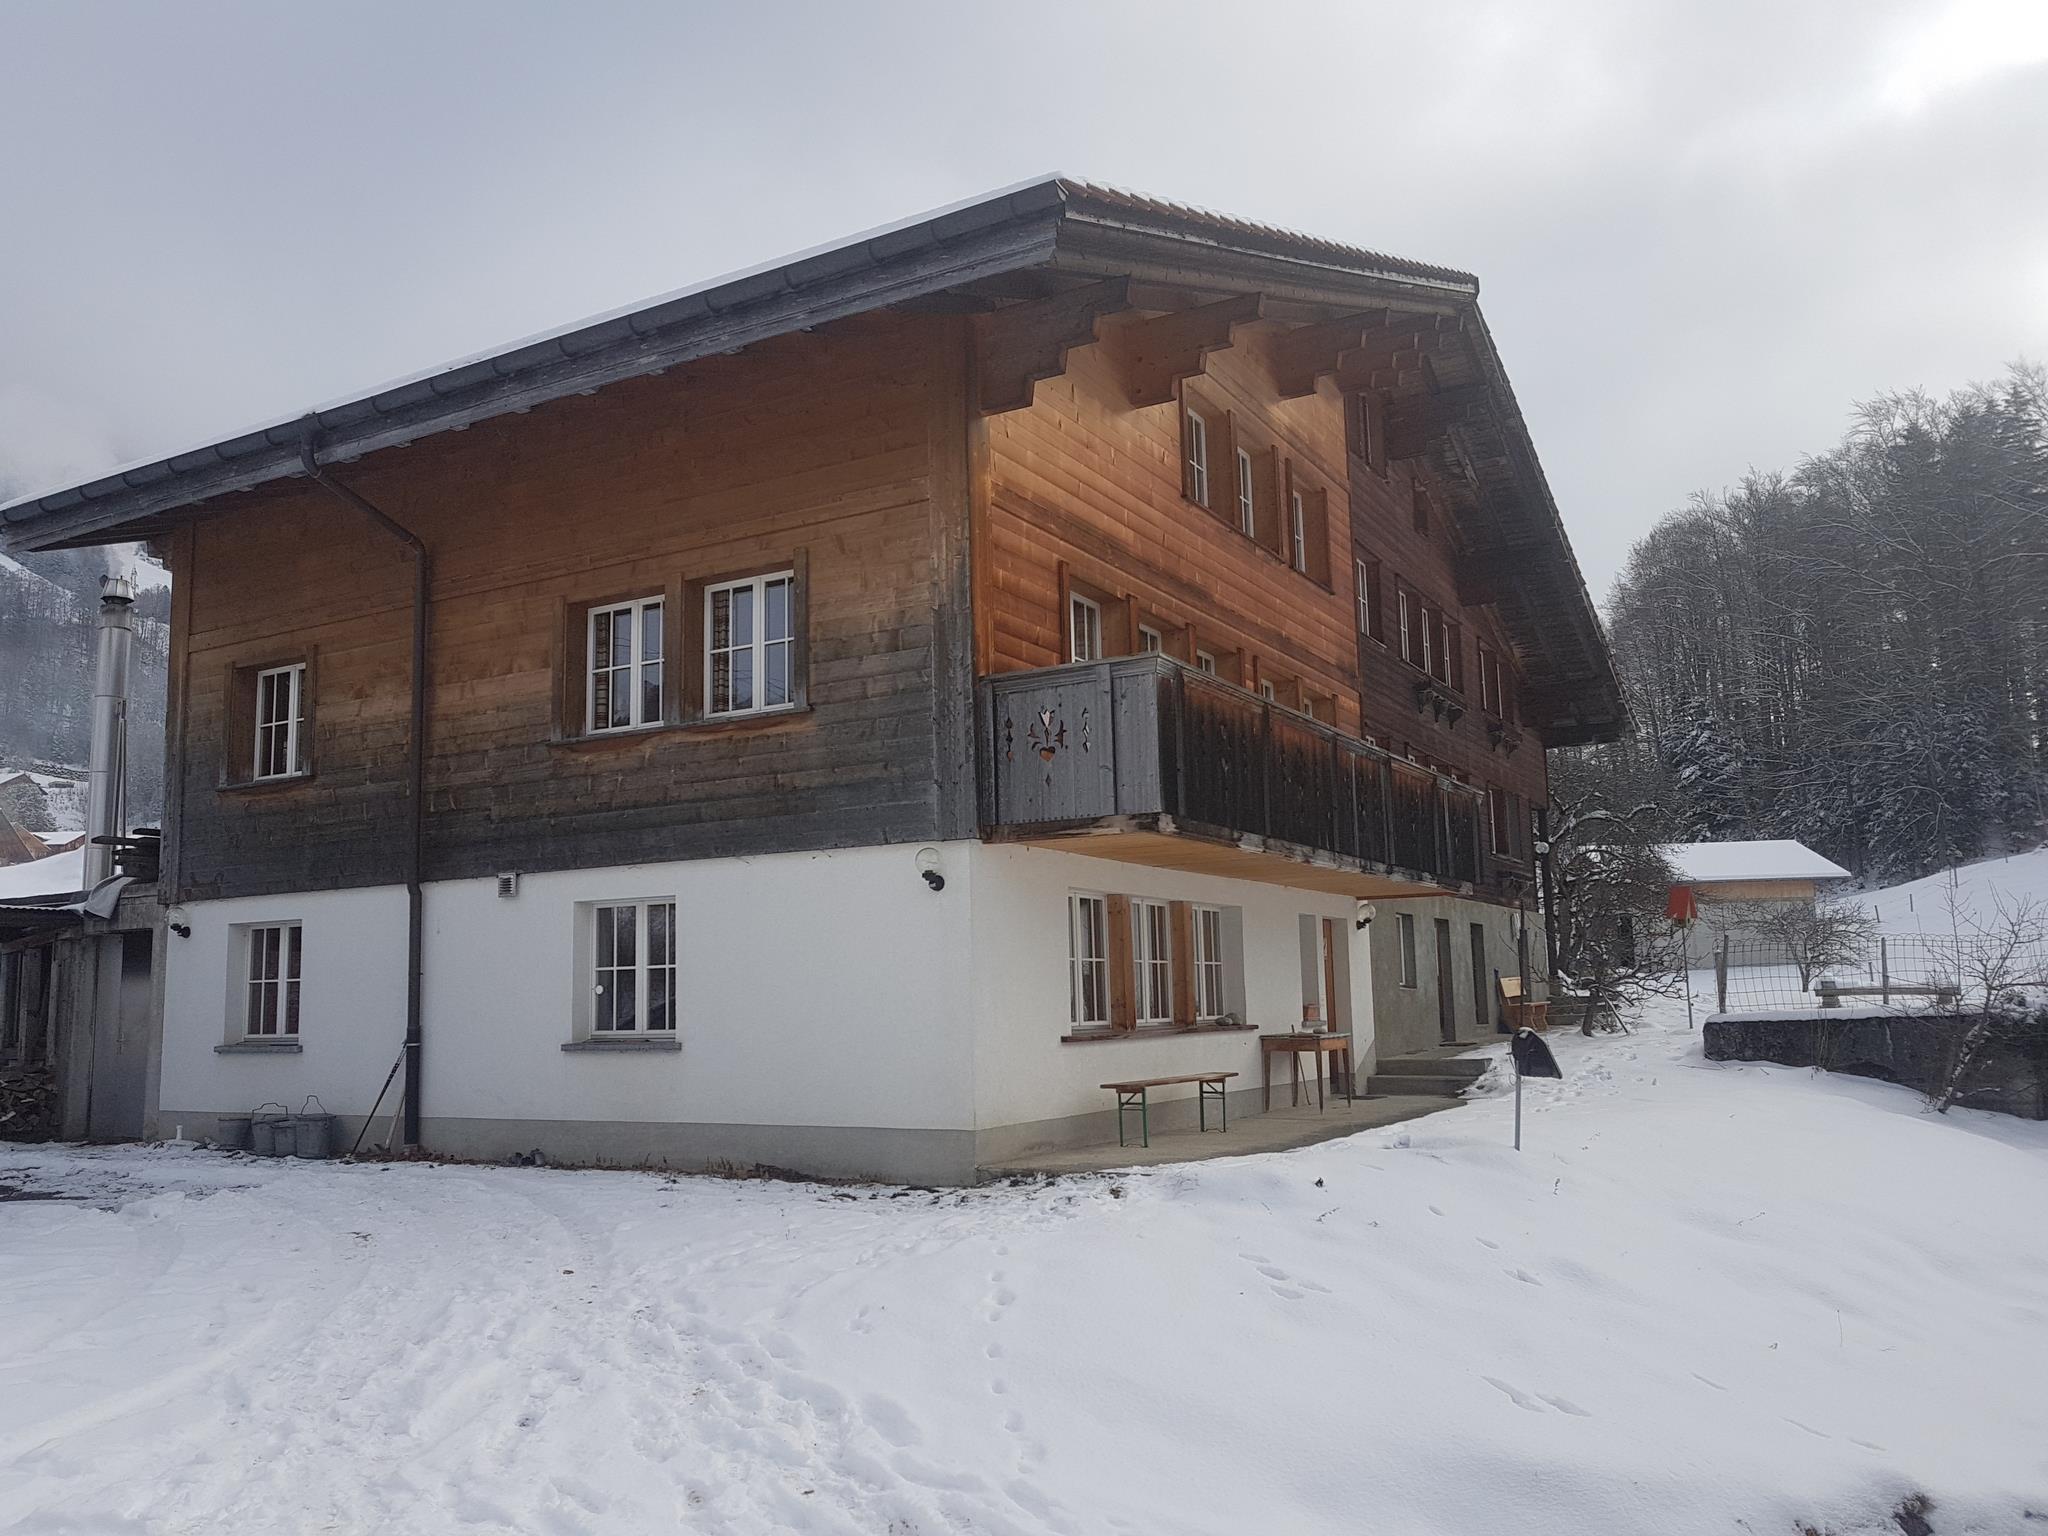 Appartement de vacances Grini-Hüs 8 Bett Wohnung (2691732), Hasliberg Reuti, Meiringen - Hasliberg, Oberland bernois, Suisse, image 1